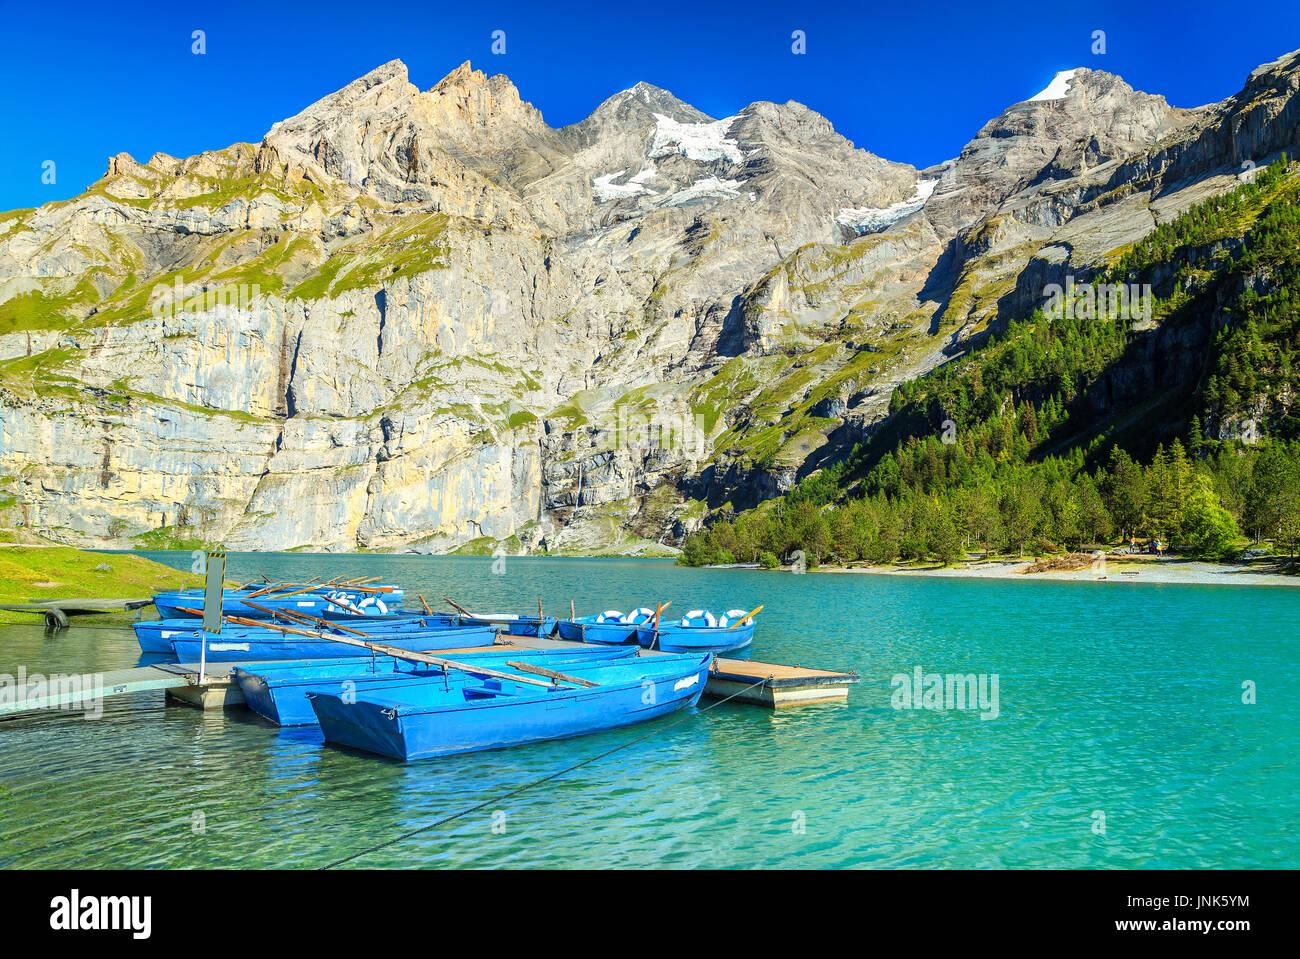 Amazing alpine lake and stunning mountains with blue boats, Oeschinen lake, Bernese Oberland, Switzerland, Europe - Stock Image